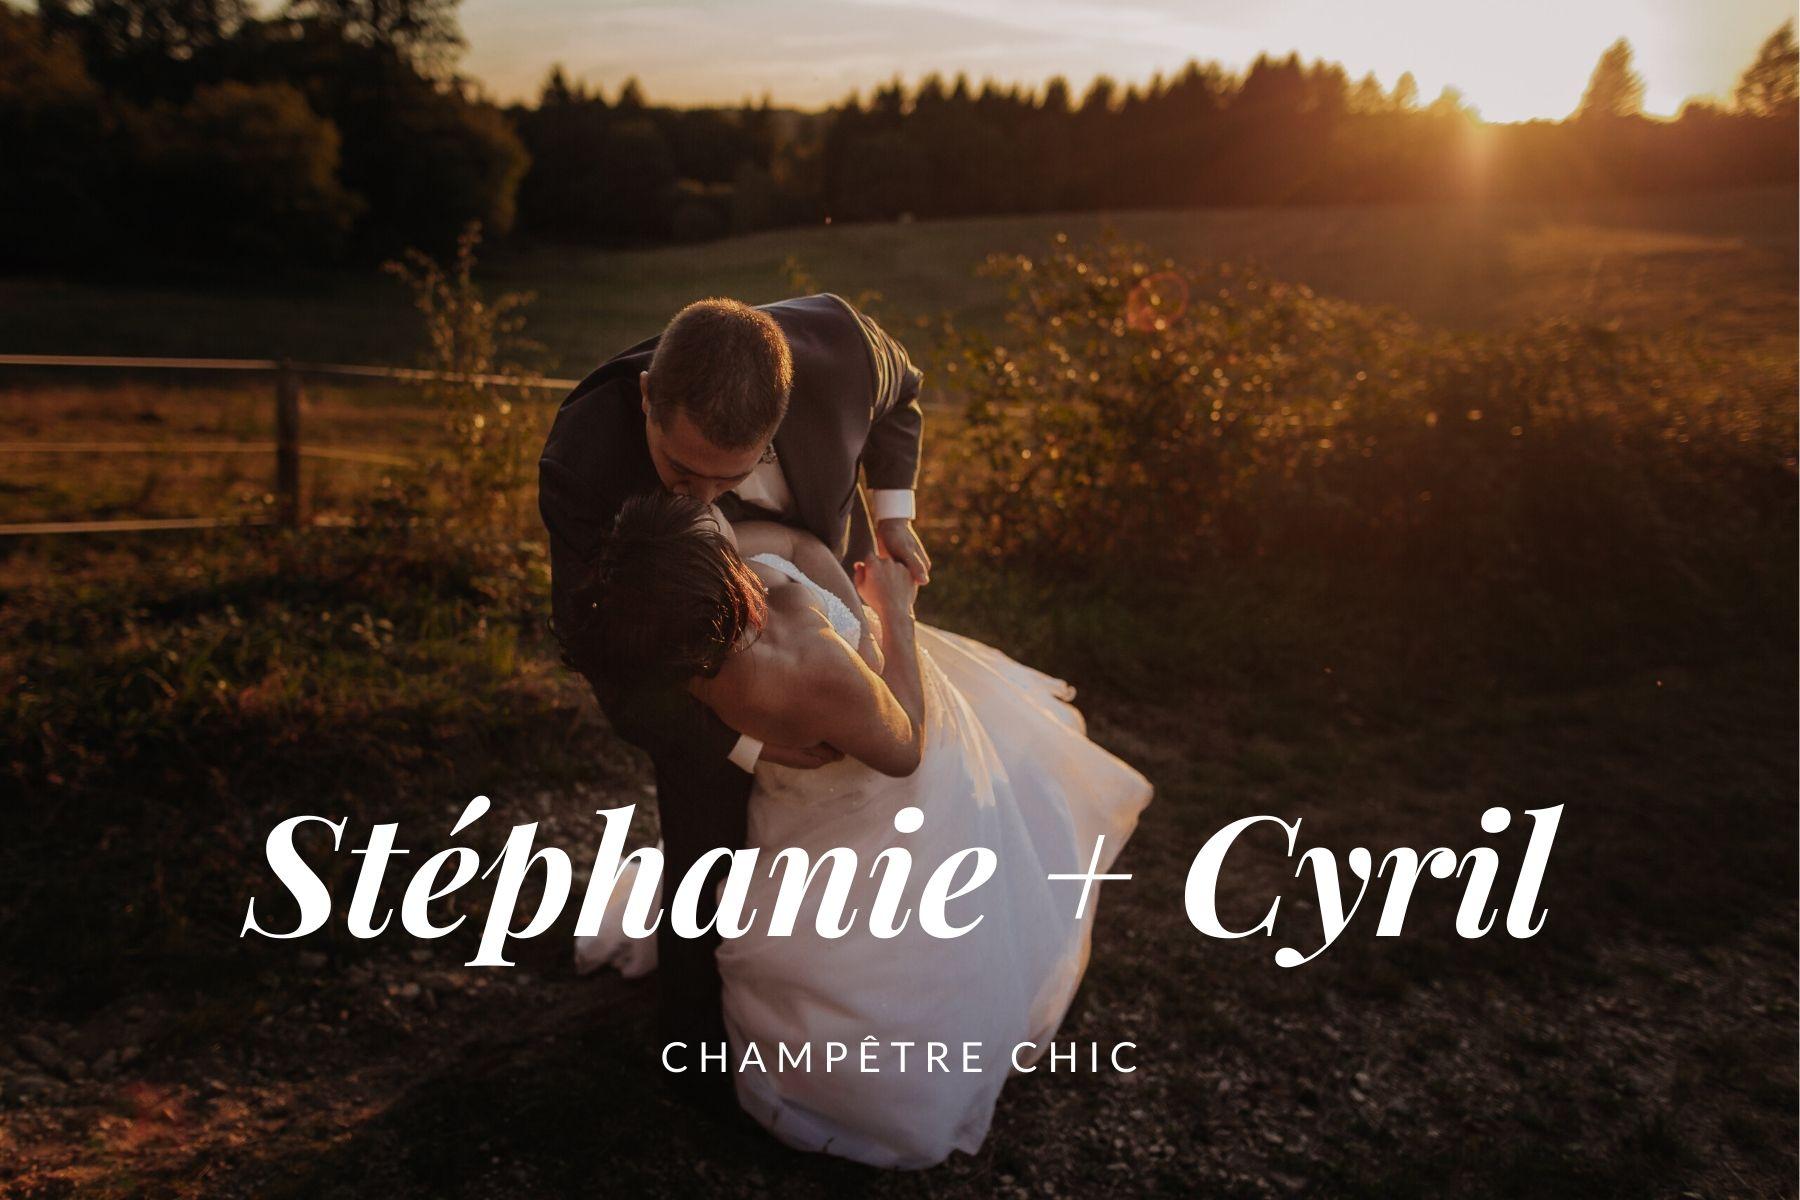 Organisation de mariage champêtre chic - Hera Mariage Wedding Planner - Auvergne - Puy de Dôme - Clermont-Ferrand - Allier - Haute-Loire - Cantal